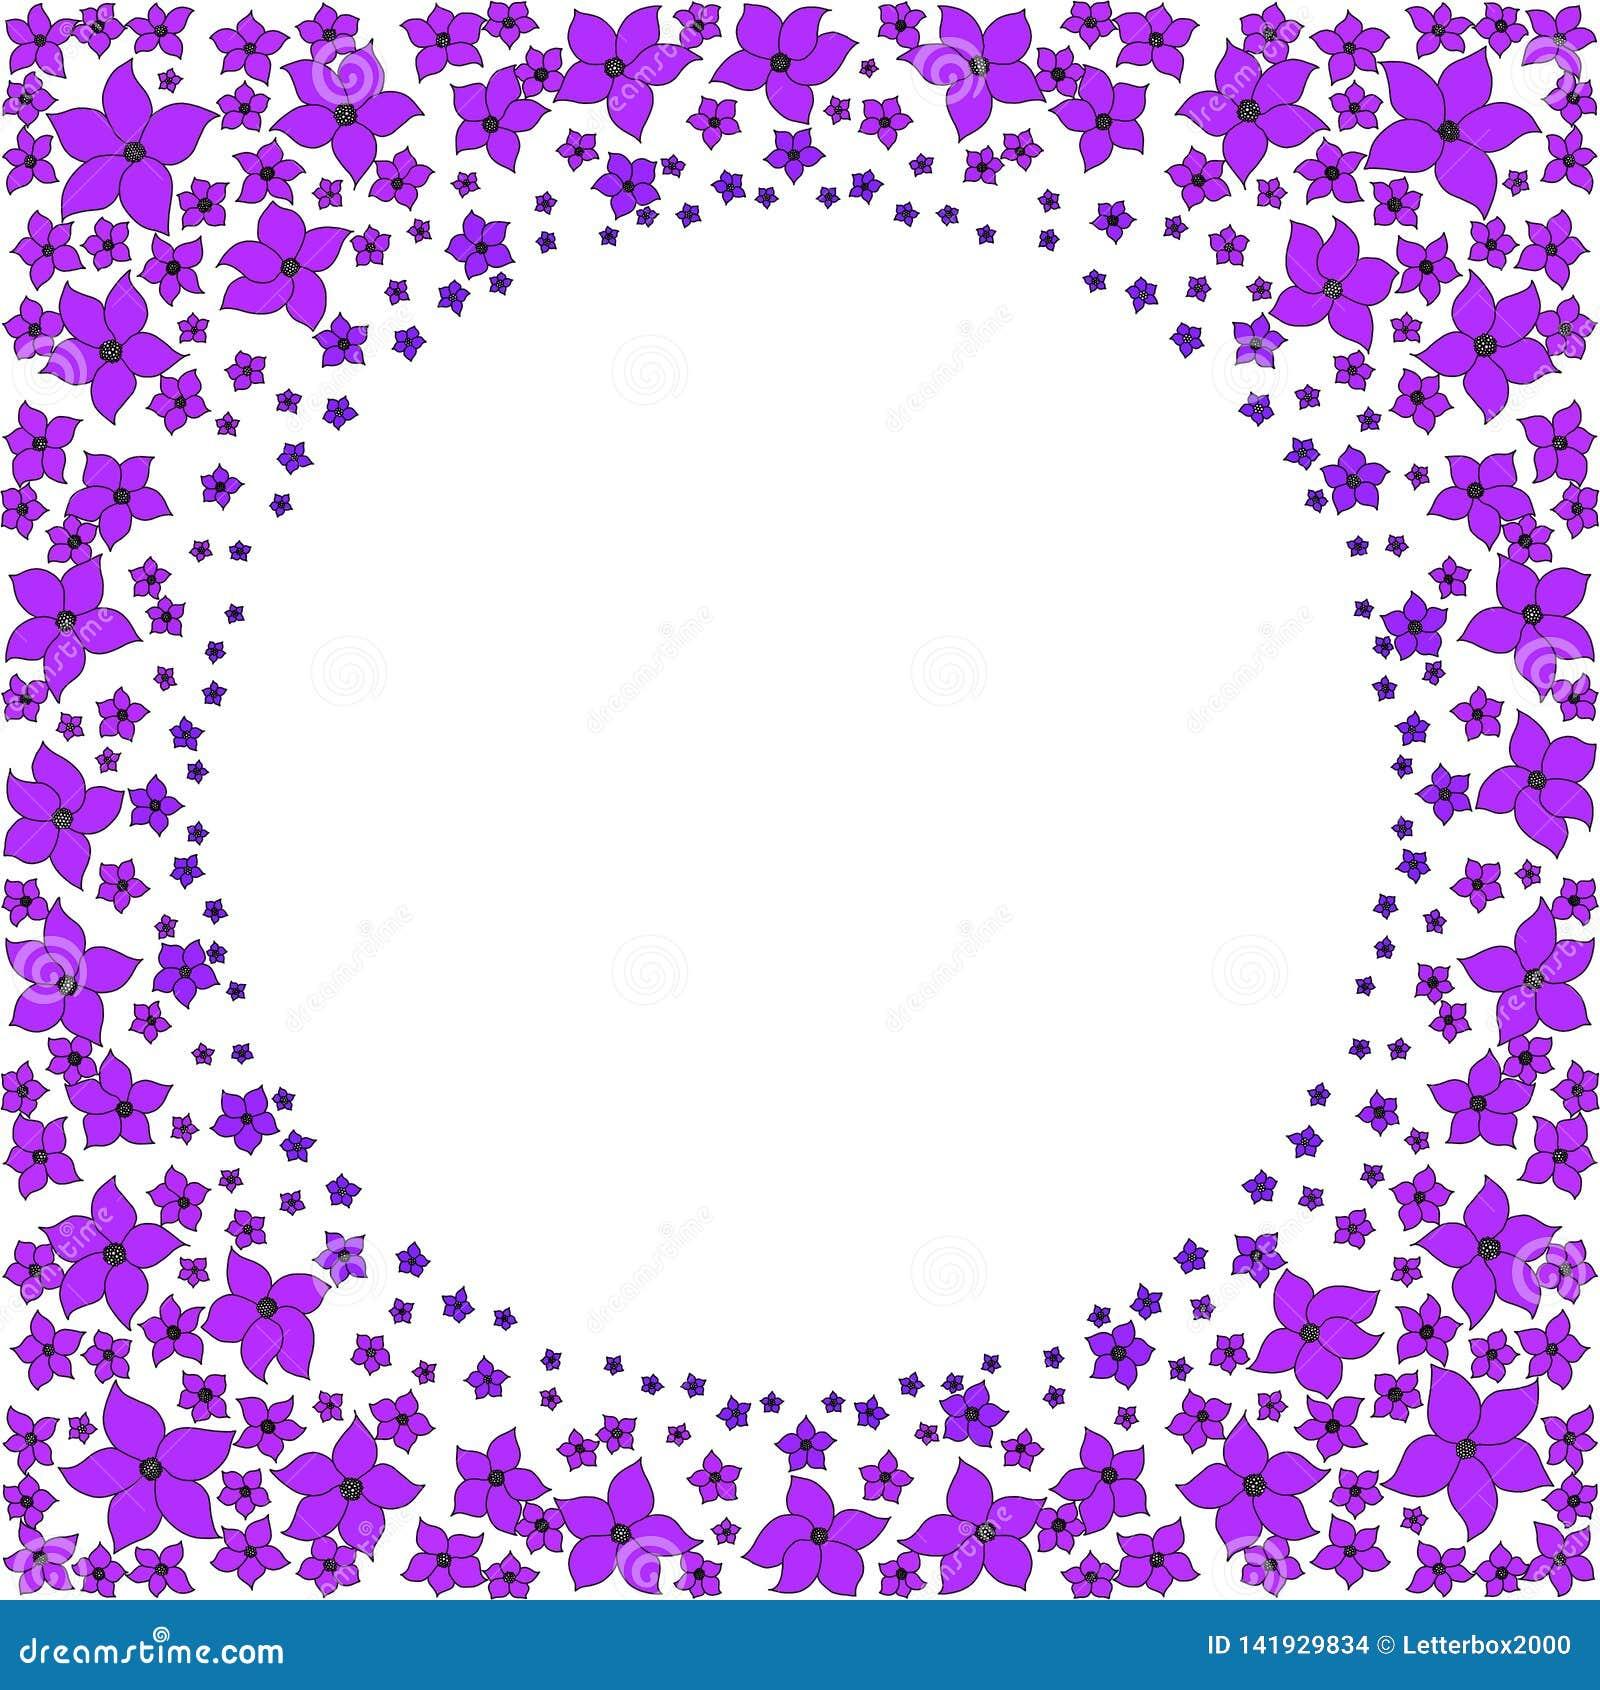 Marco redondo de pequeñas flores púrpuras